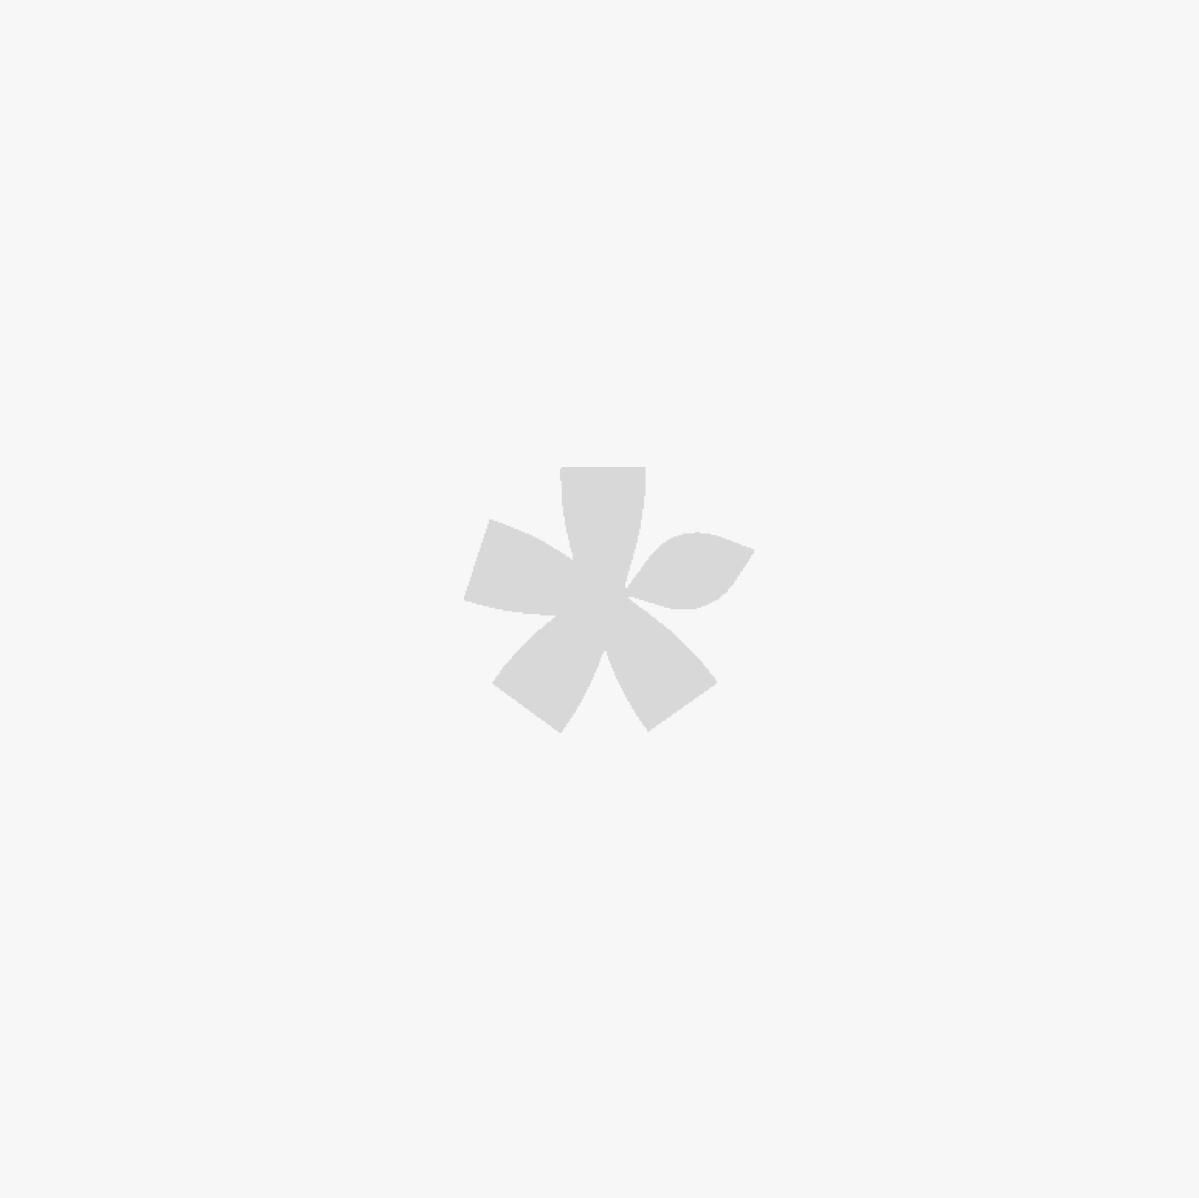 Μπουκάλι Γυάλινο Διάφανο 38x38x24 εκ.